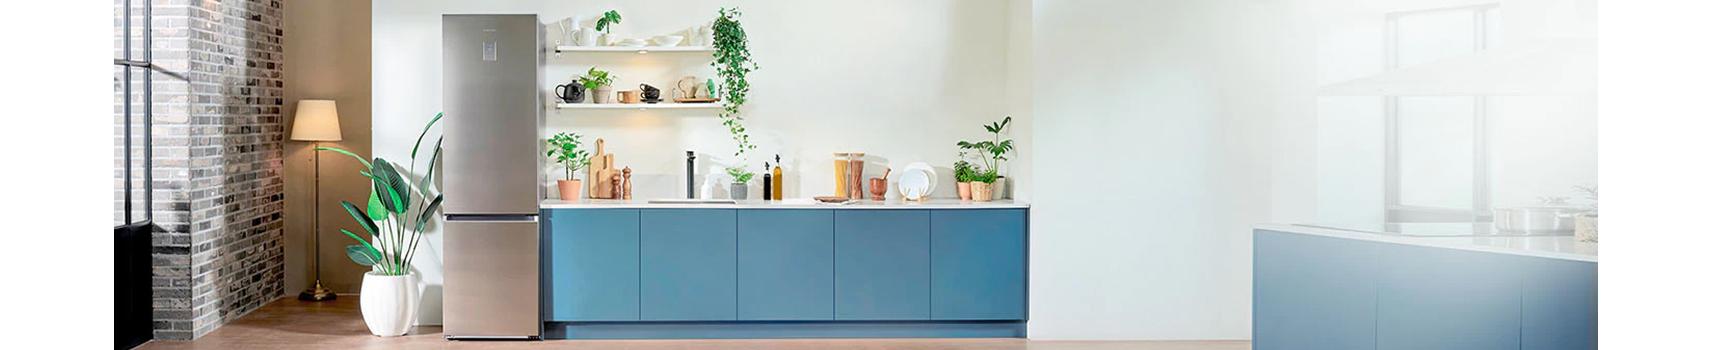 Réfrigérateur Samsung aux meilleurs prix en Tunisie,  Samsung Tunisie